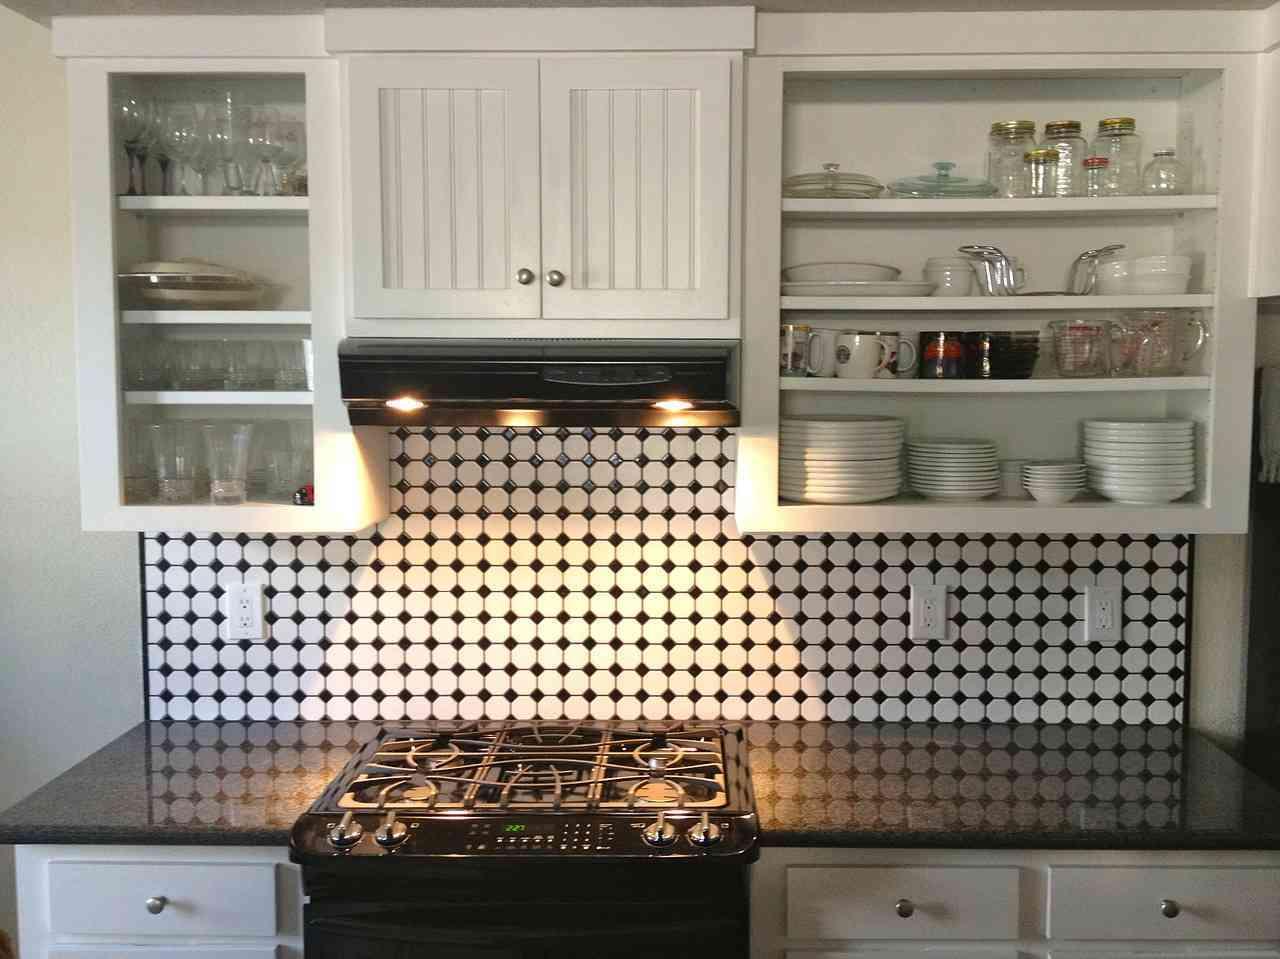 Como Transformar Cocinas Pequenas Con Pintura Para Azulejos - Azulejos-de-cocina-pintados